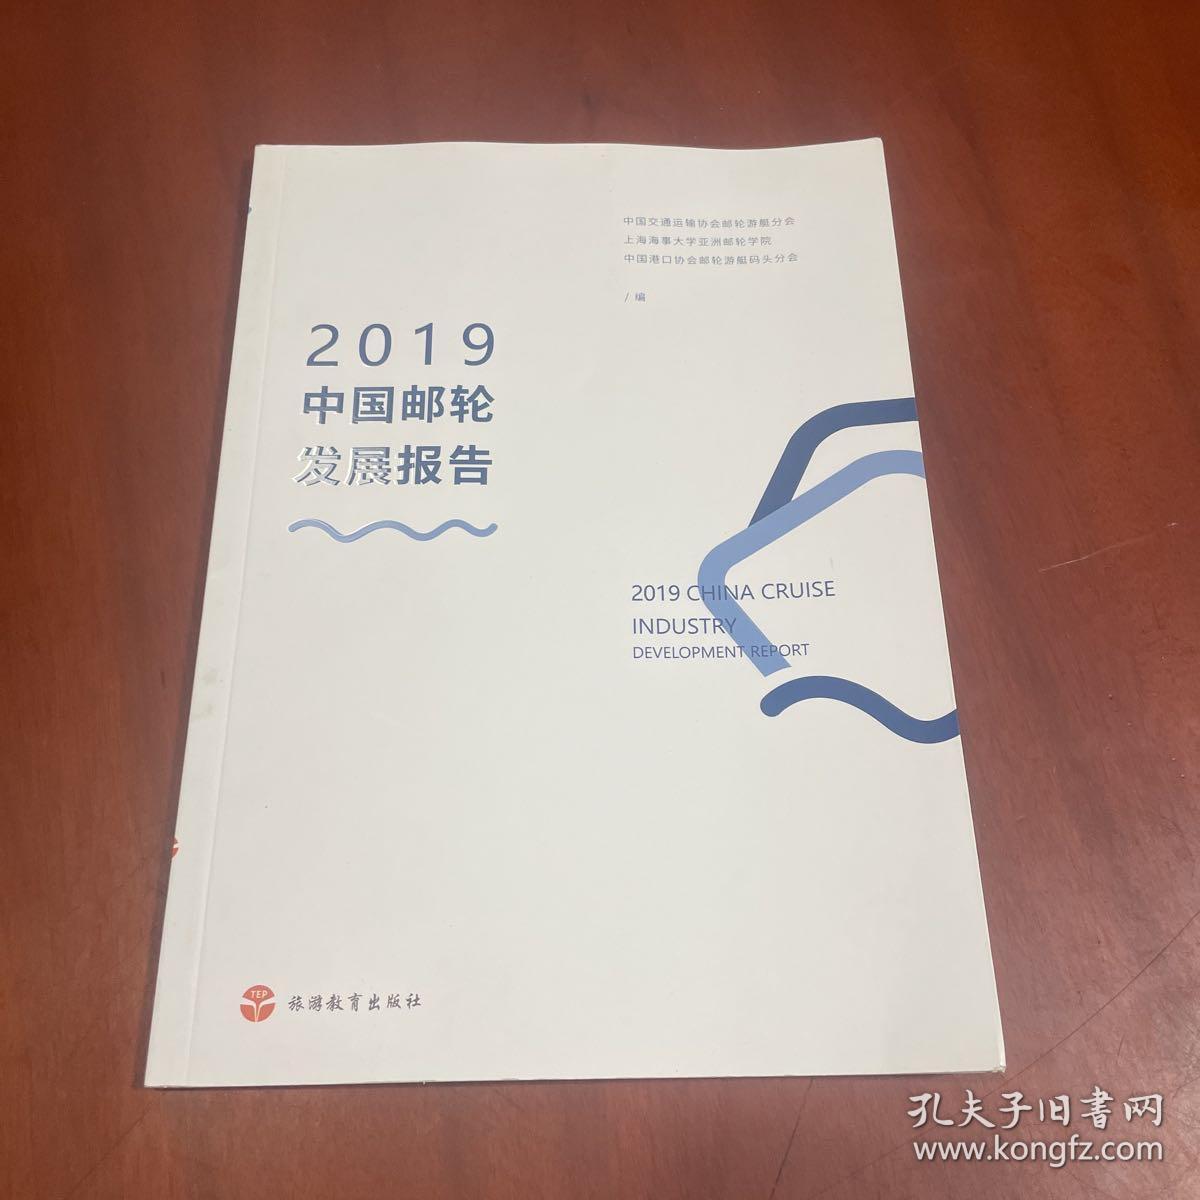 2019中国邮轮发展报告